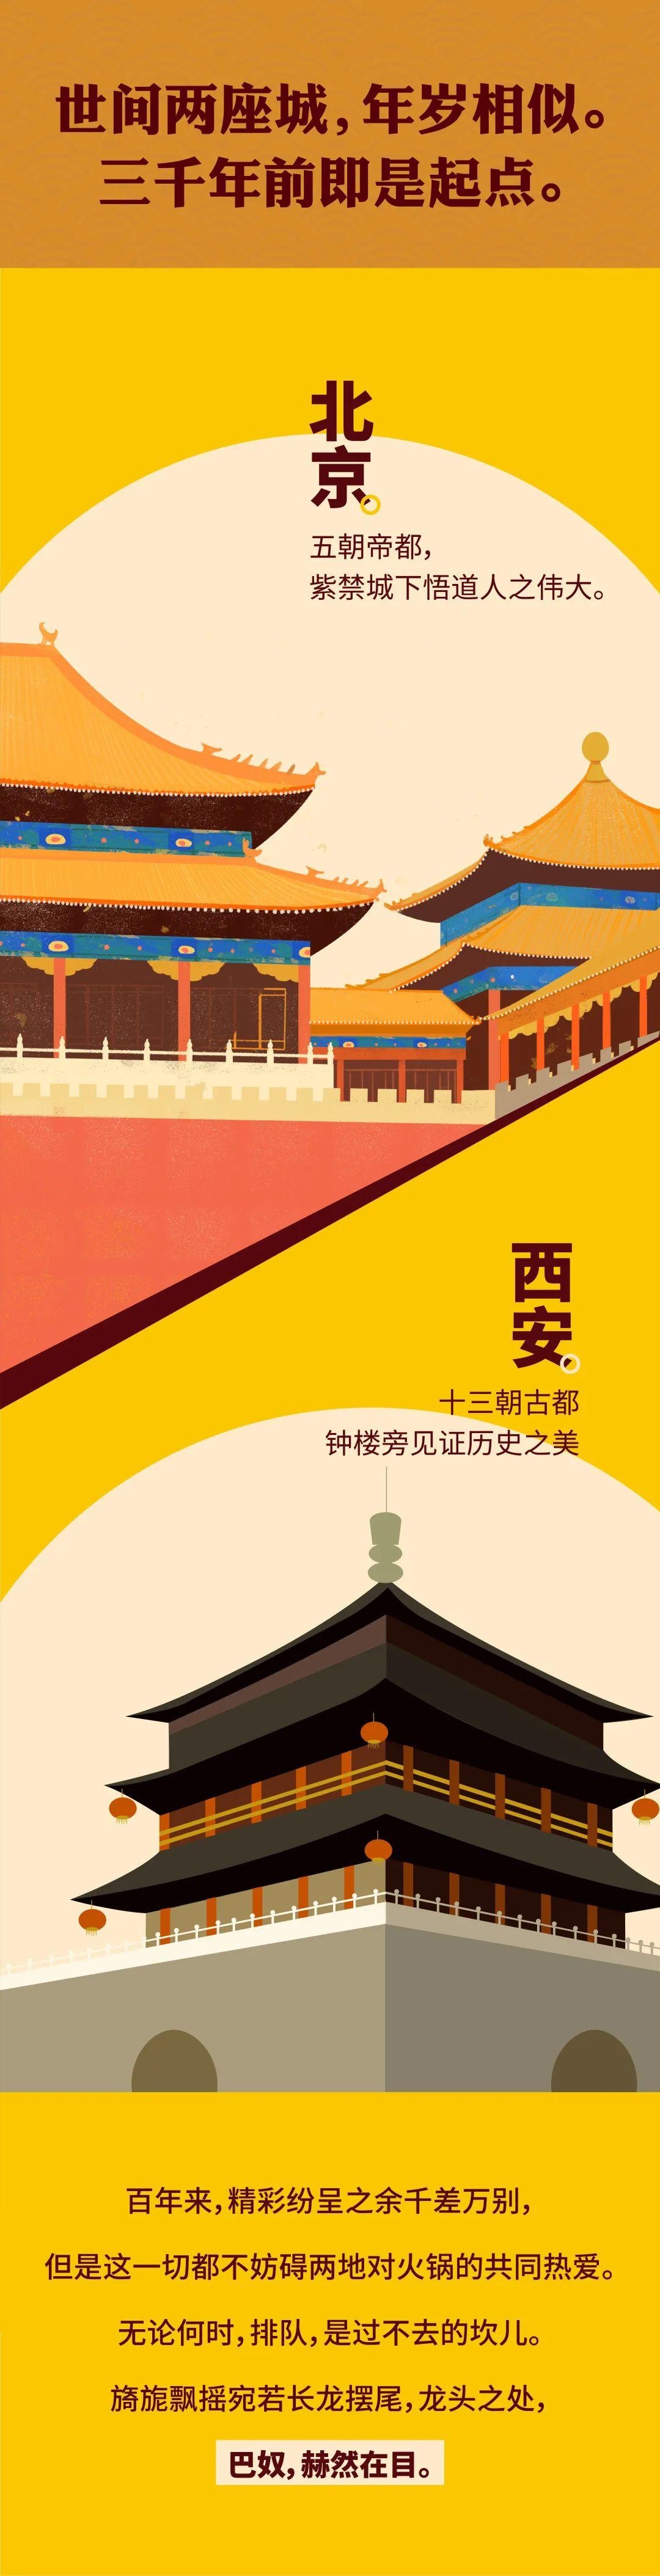 巴奴毛肚火锅 双城记 | 北京、西安再开新店!